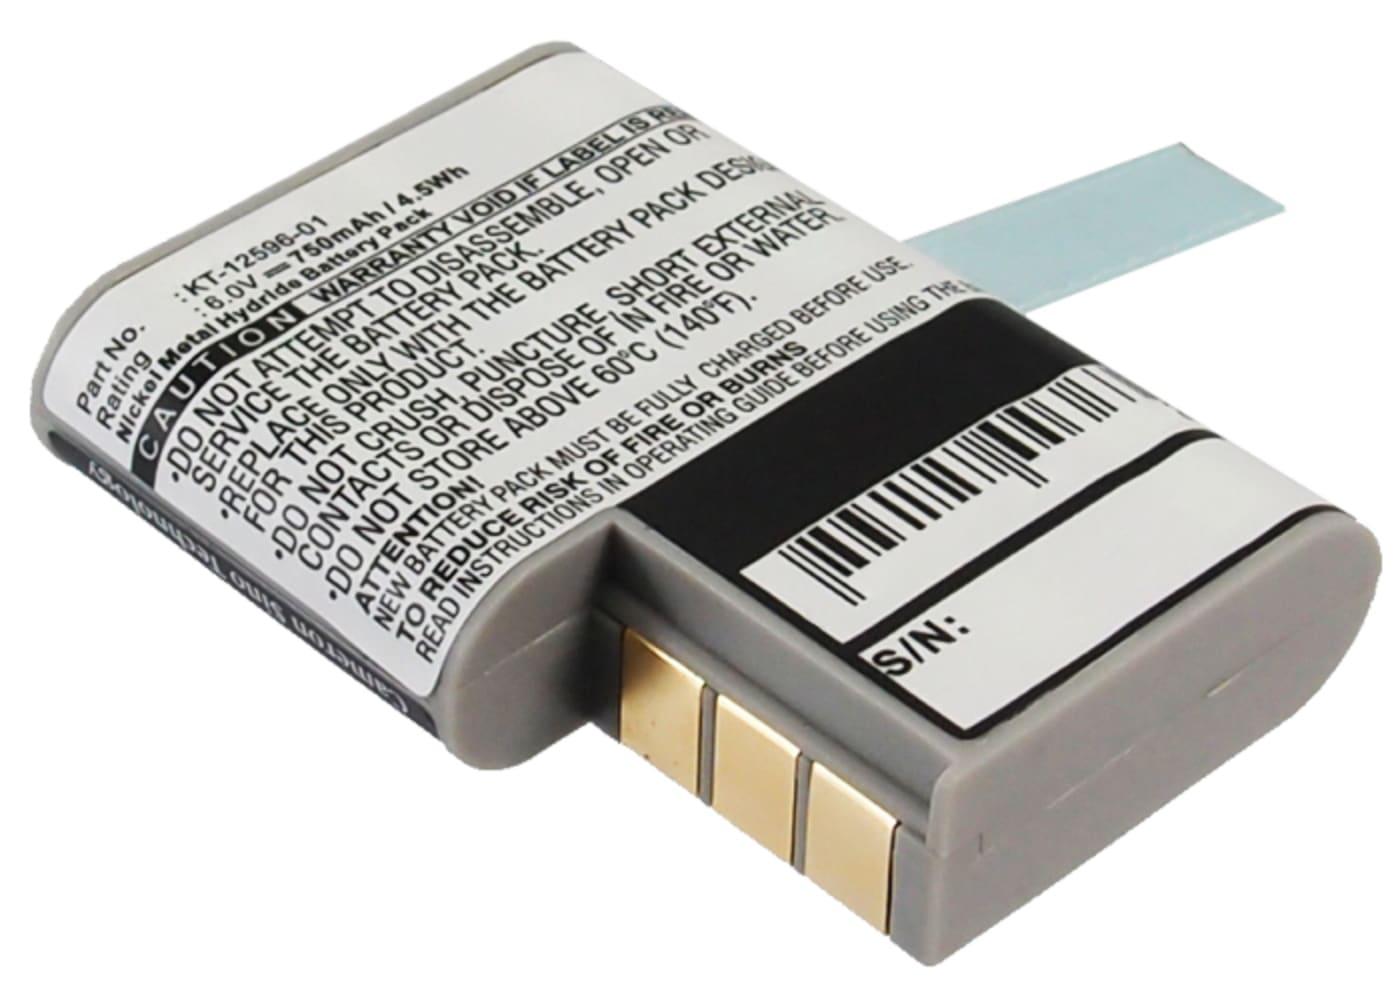 Batterij voor Motorola Symbol PDT-3100 PDT-3110 PDT-3112 PDT 3120 PDT-3140 PDT-3146 - 21-36897-02,50-14000-020,50-14000-051,GTS3100-M,KT-12596-01,KT-12596-03,KT-12596-04 750mAh vervangende accu